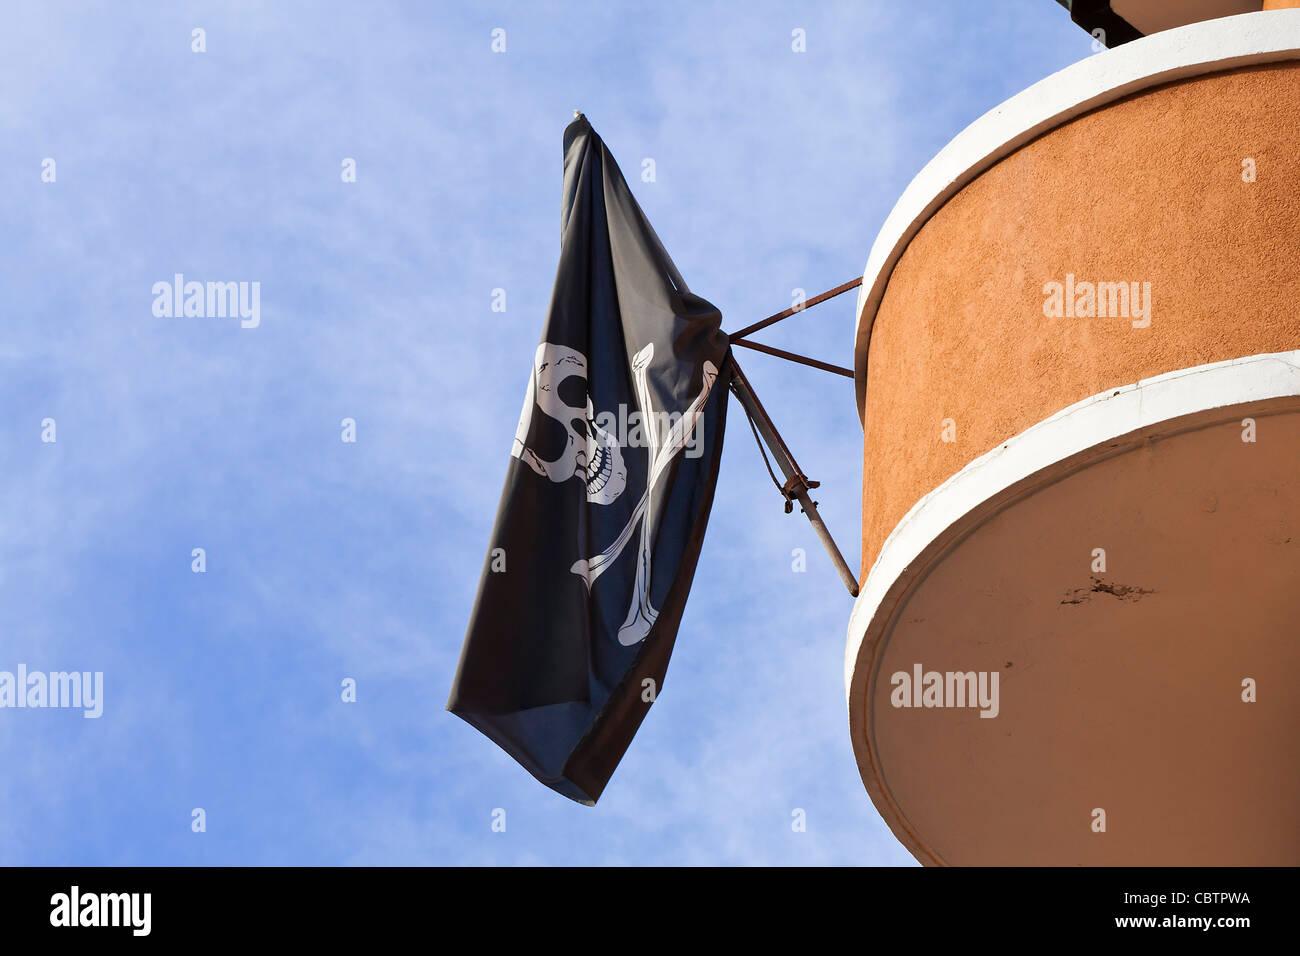 Jolly Roger Flag - Stock Image